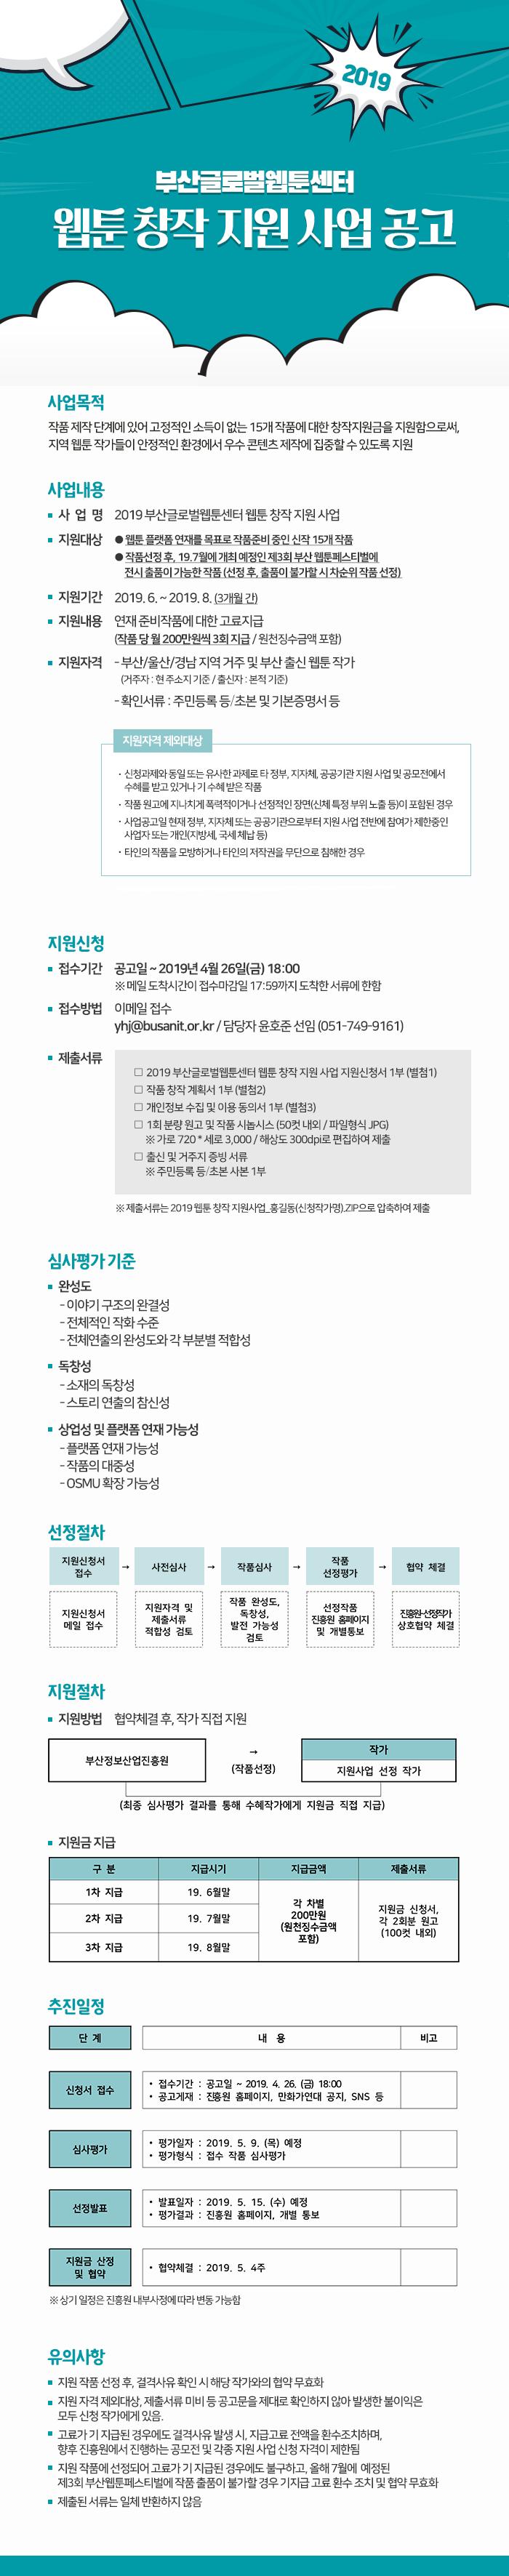 2019 부산글로벌웹툰센터 웹툰 창작 지원 사업 공고